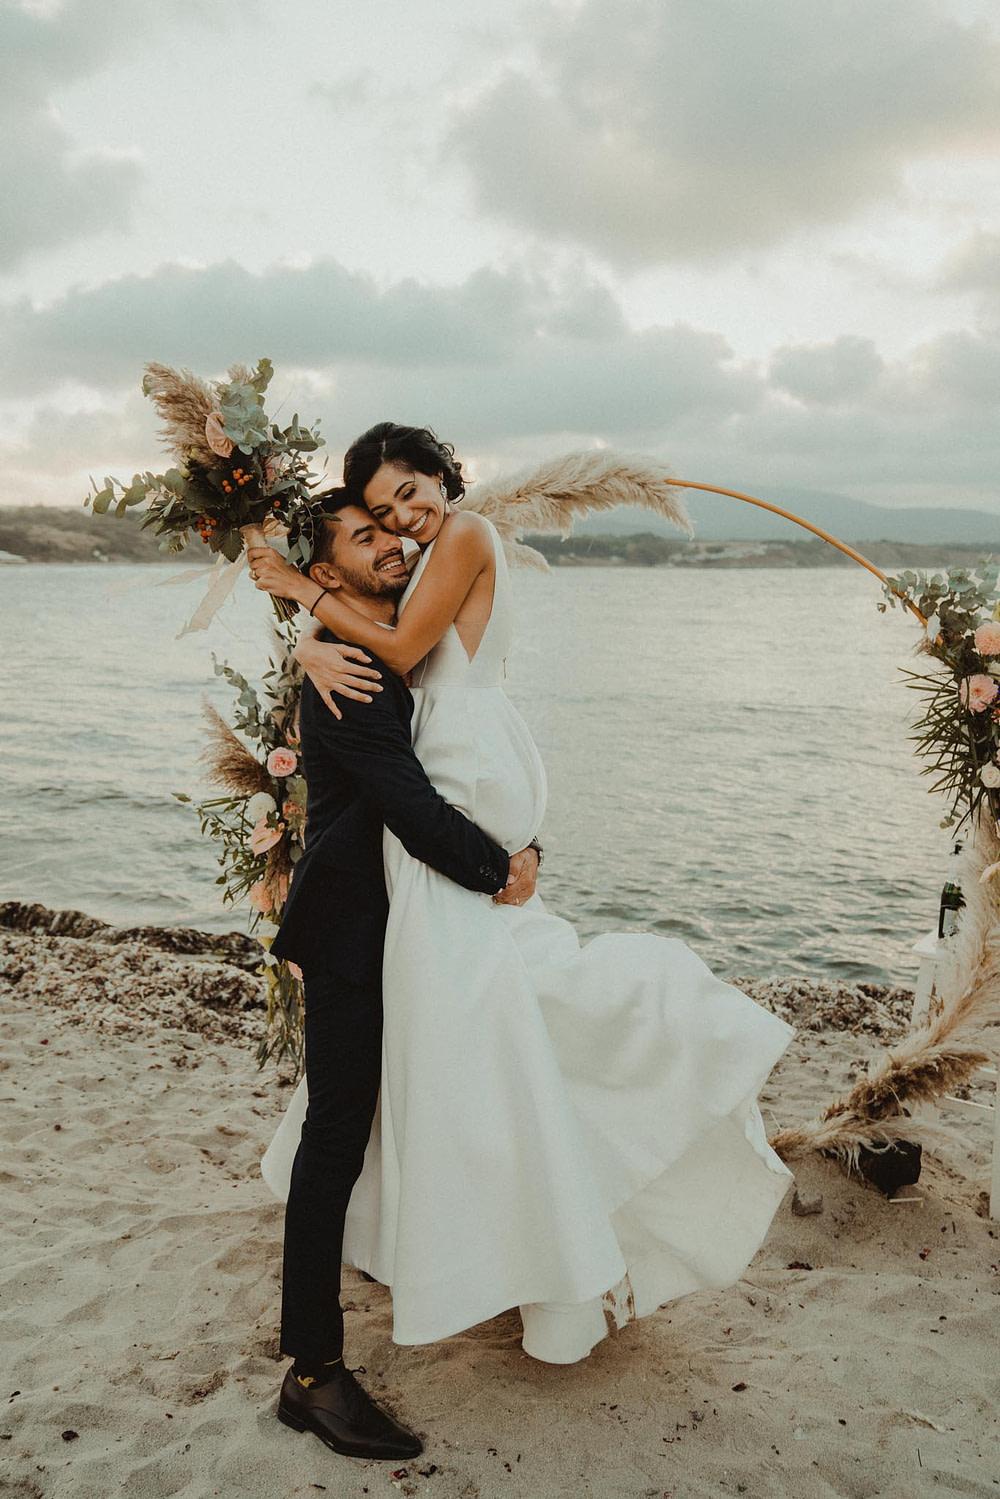 сватбен фотограф, морска сватба